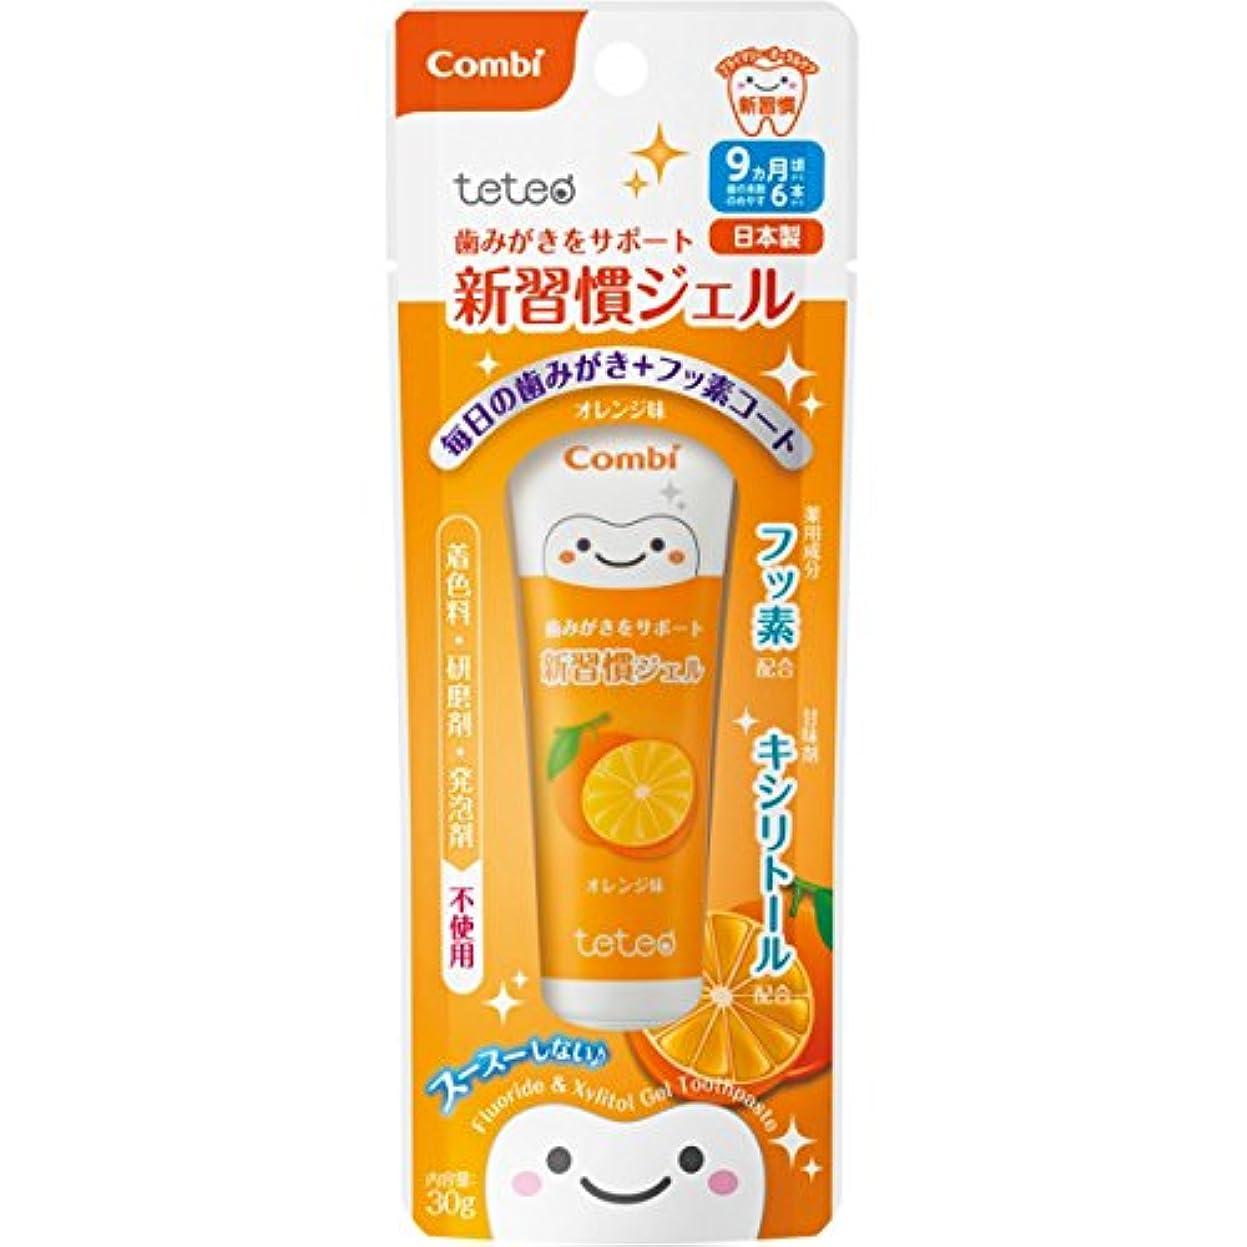 縮れたマート帰する【テテオ】歯みがきサポート 新習慣ジェル オレンジ味 30g×3個